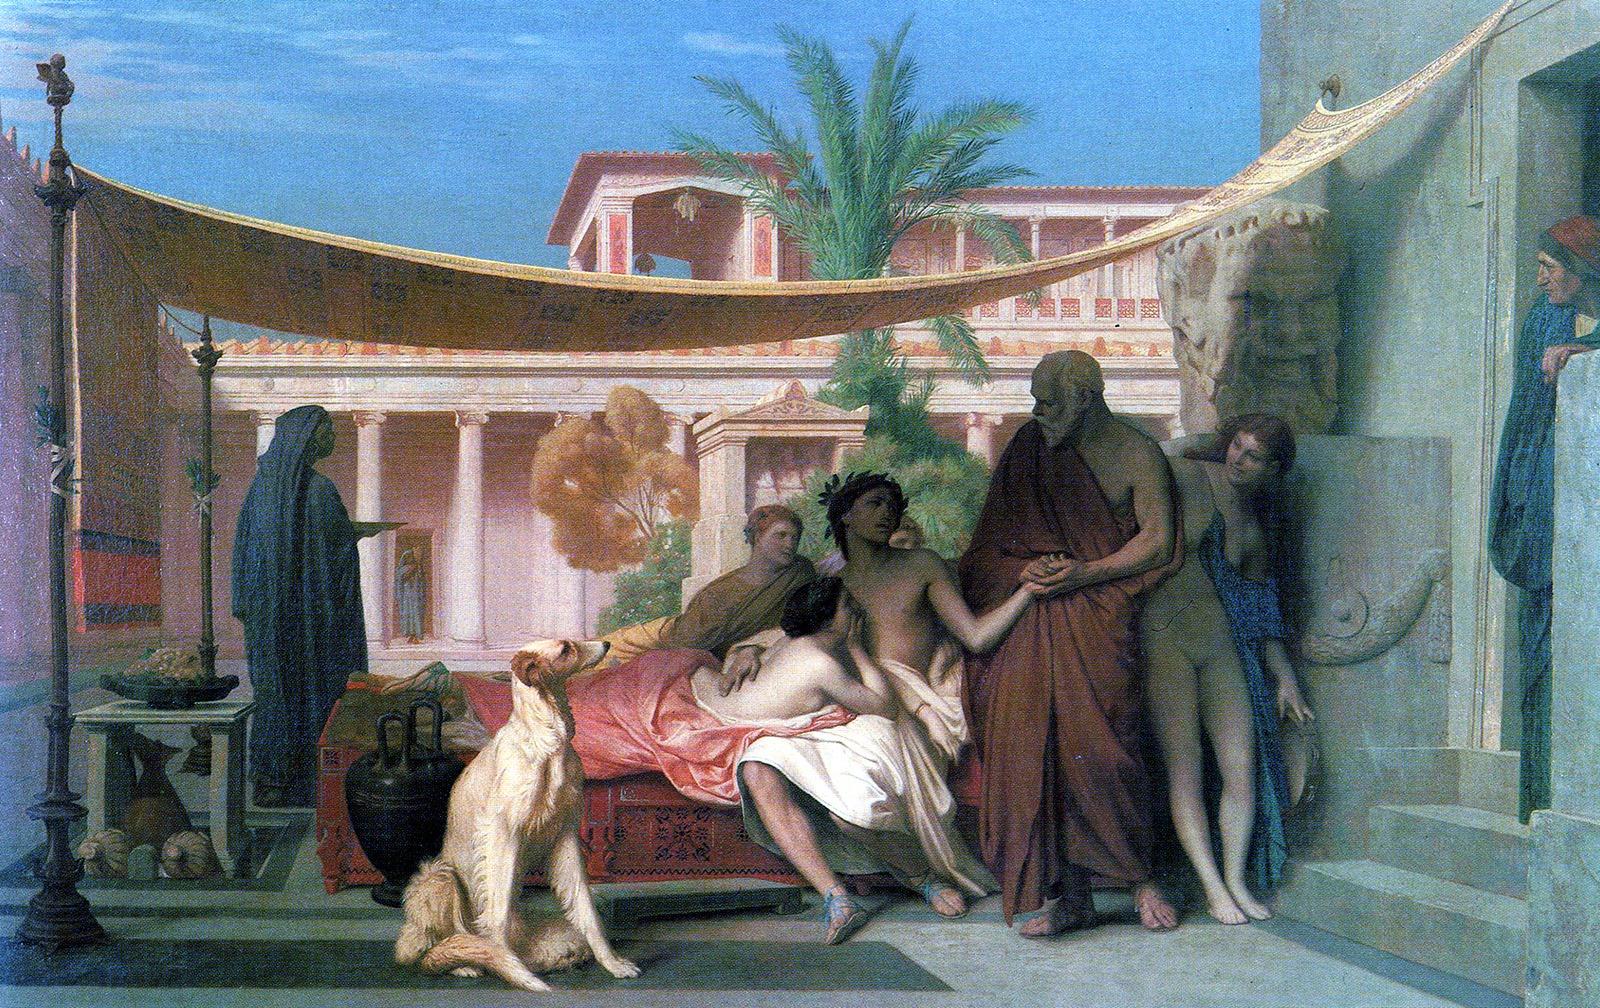 Jean-Léon Gérôme (1824-1904) - Sokrati duke kërkuar Alkibiadin në shtëpinë e Aspasia, 1861